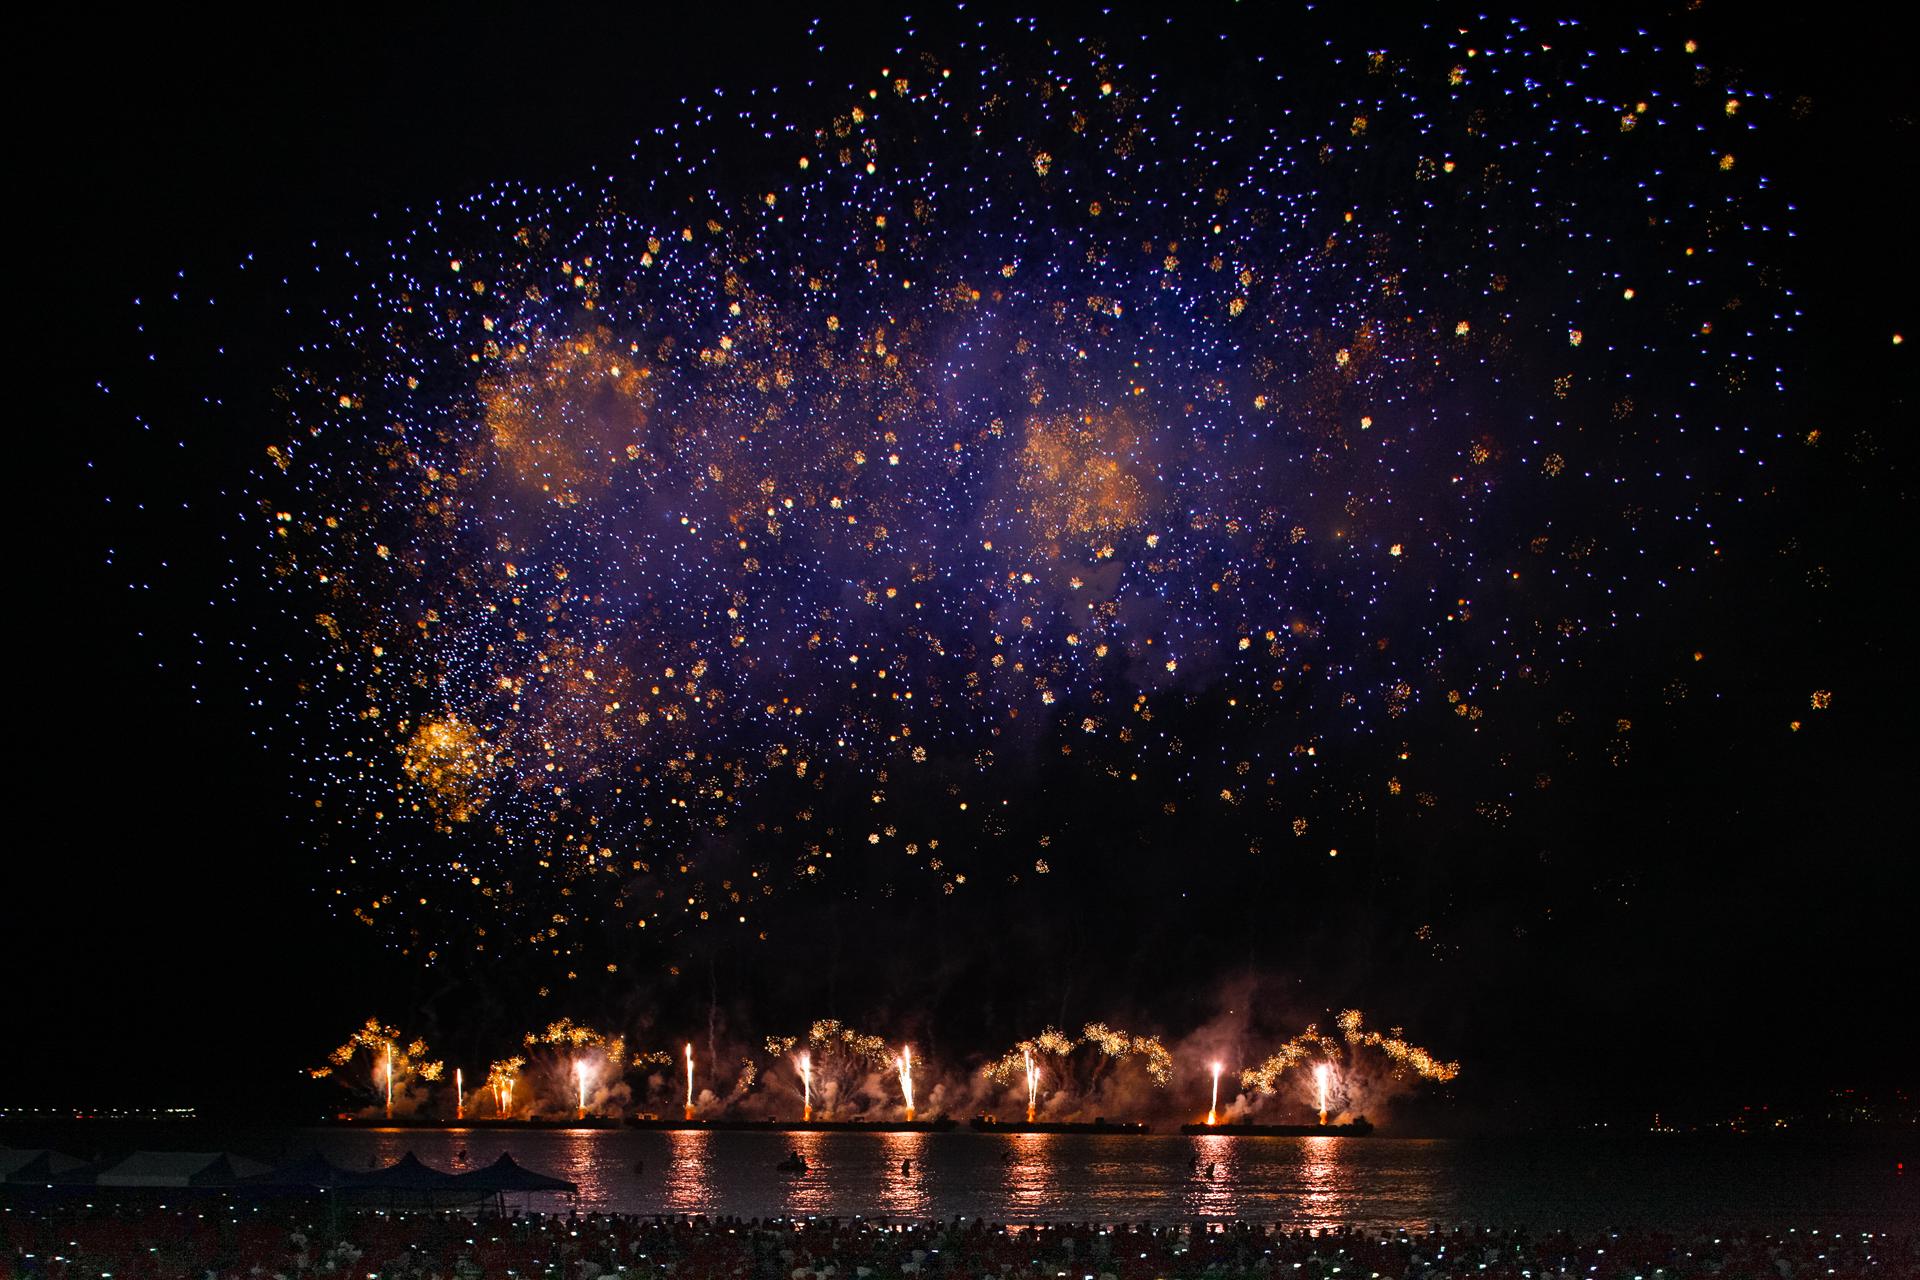 불꽃쇼 영국쥬빌레1 밤하늘에 원 모양의 불꽃이 다양한 크기의 점 모양으로 흩어지는 모습